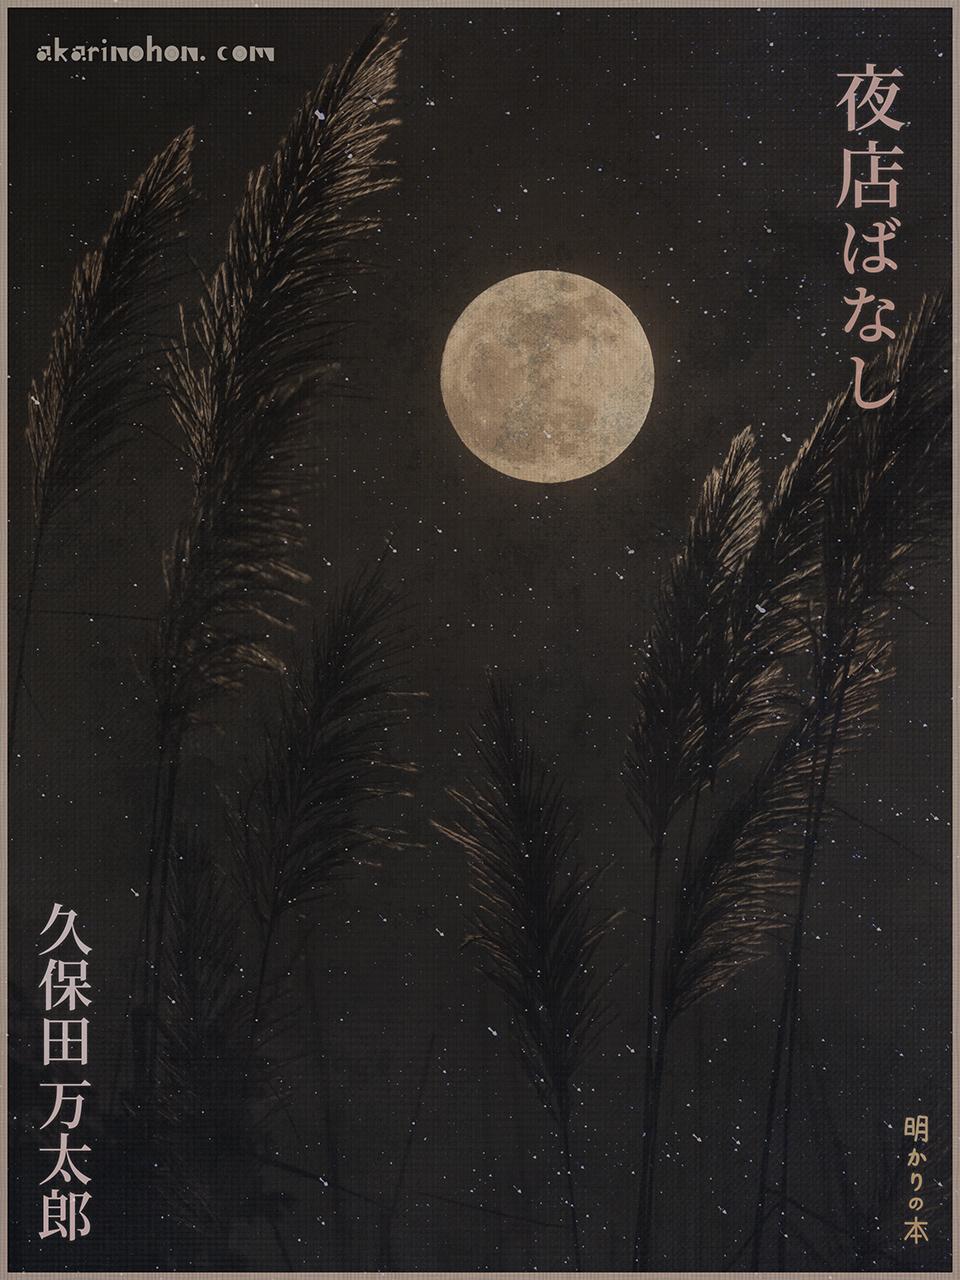 0000 - 夜店ばなし 久保田万太郎